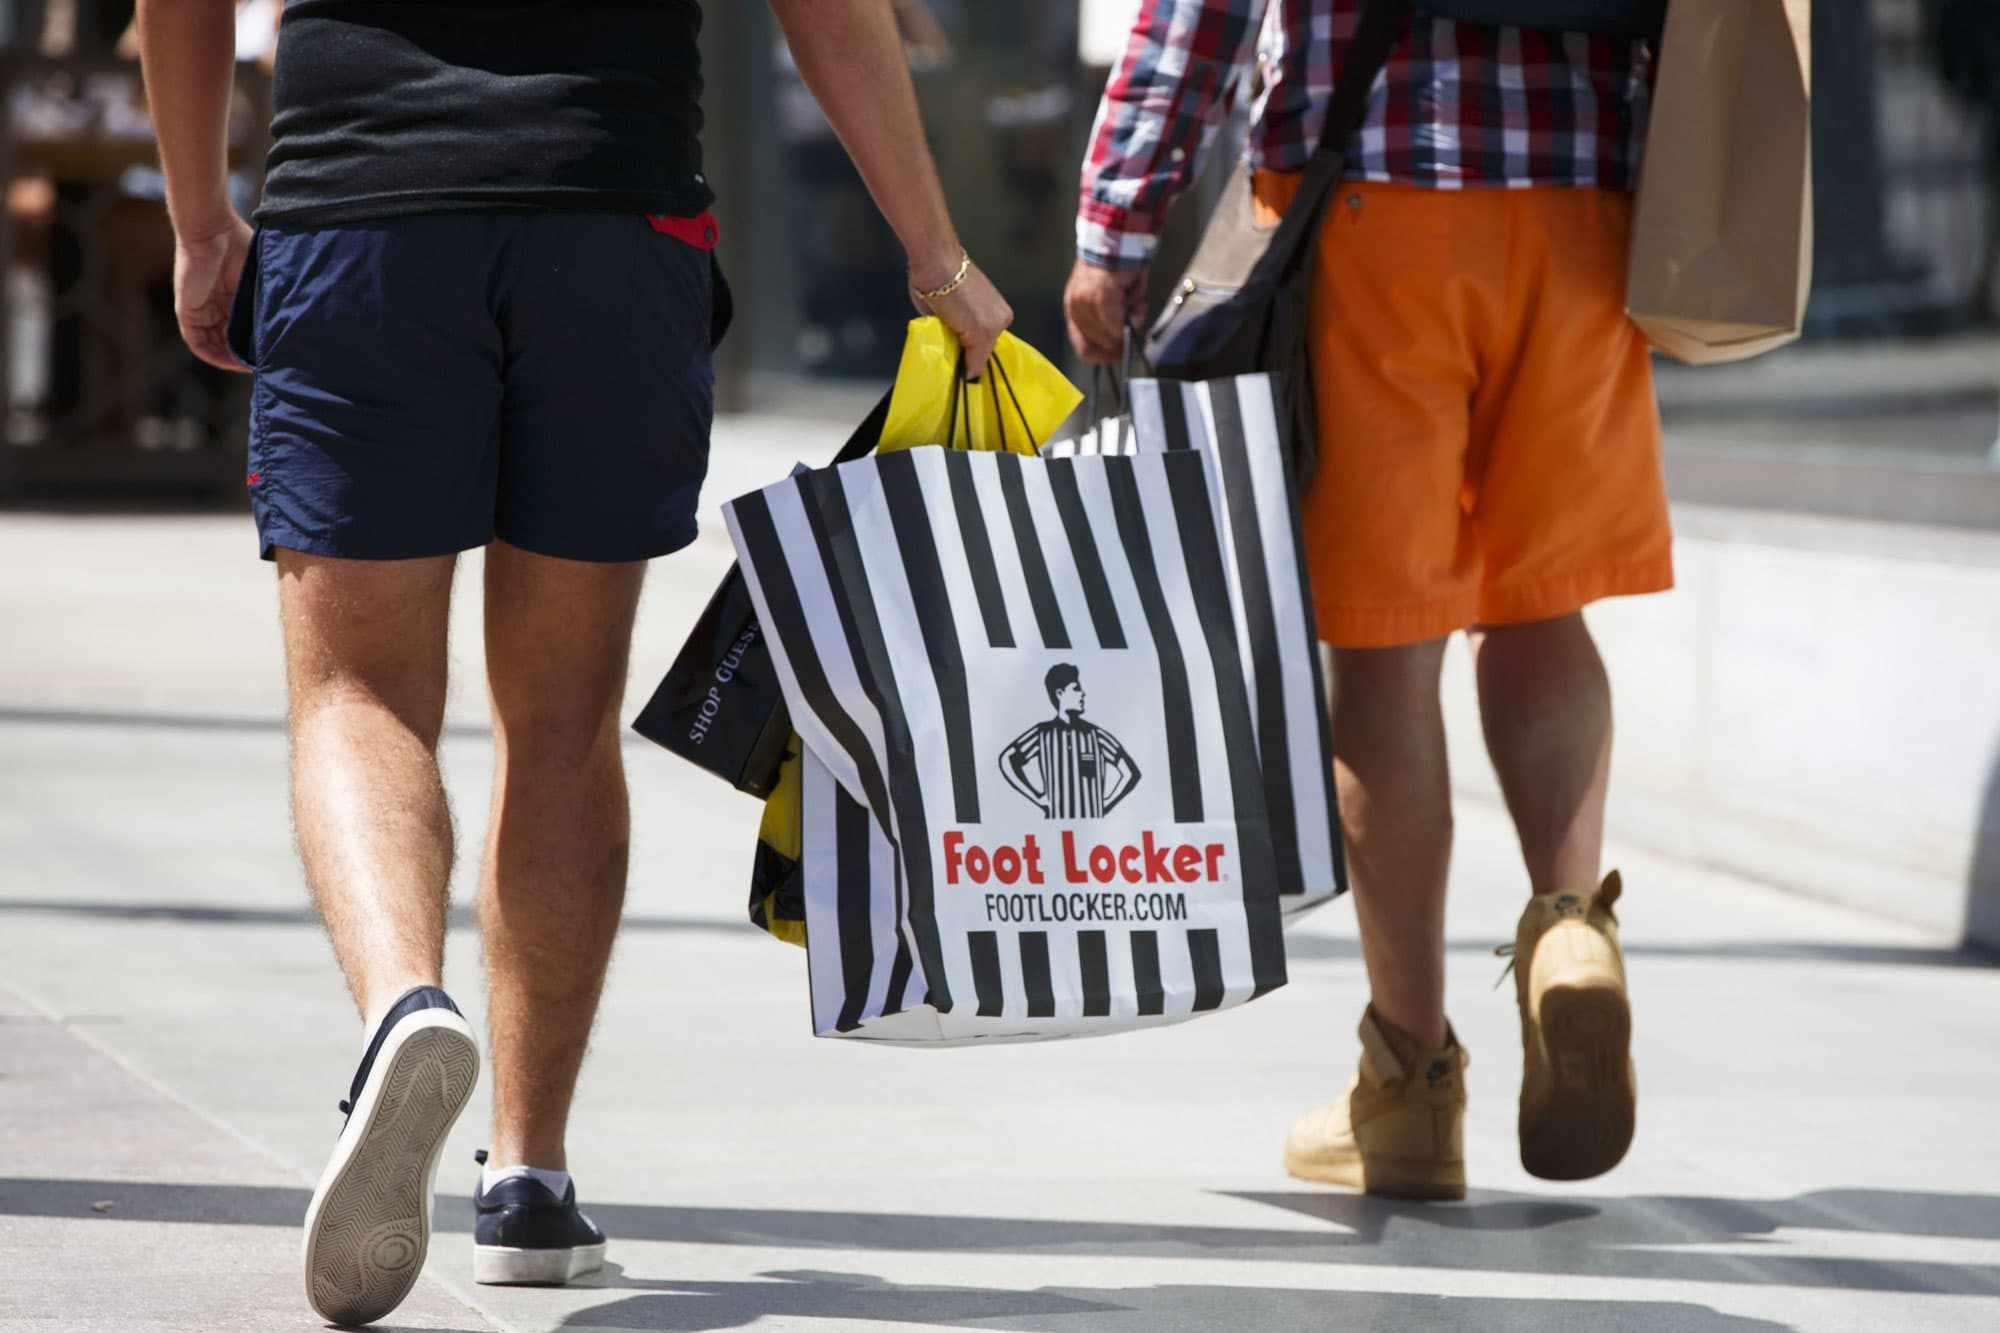 goldman foot locker shares